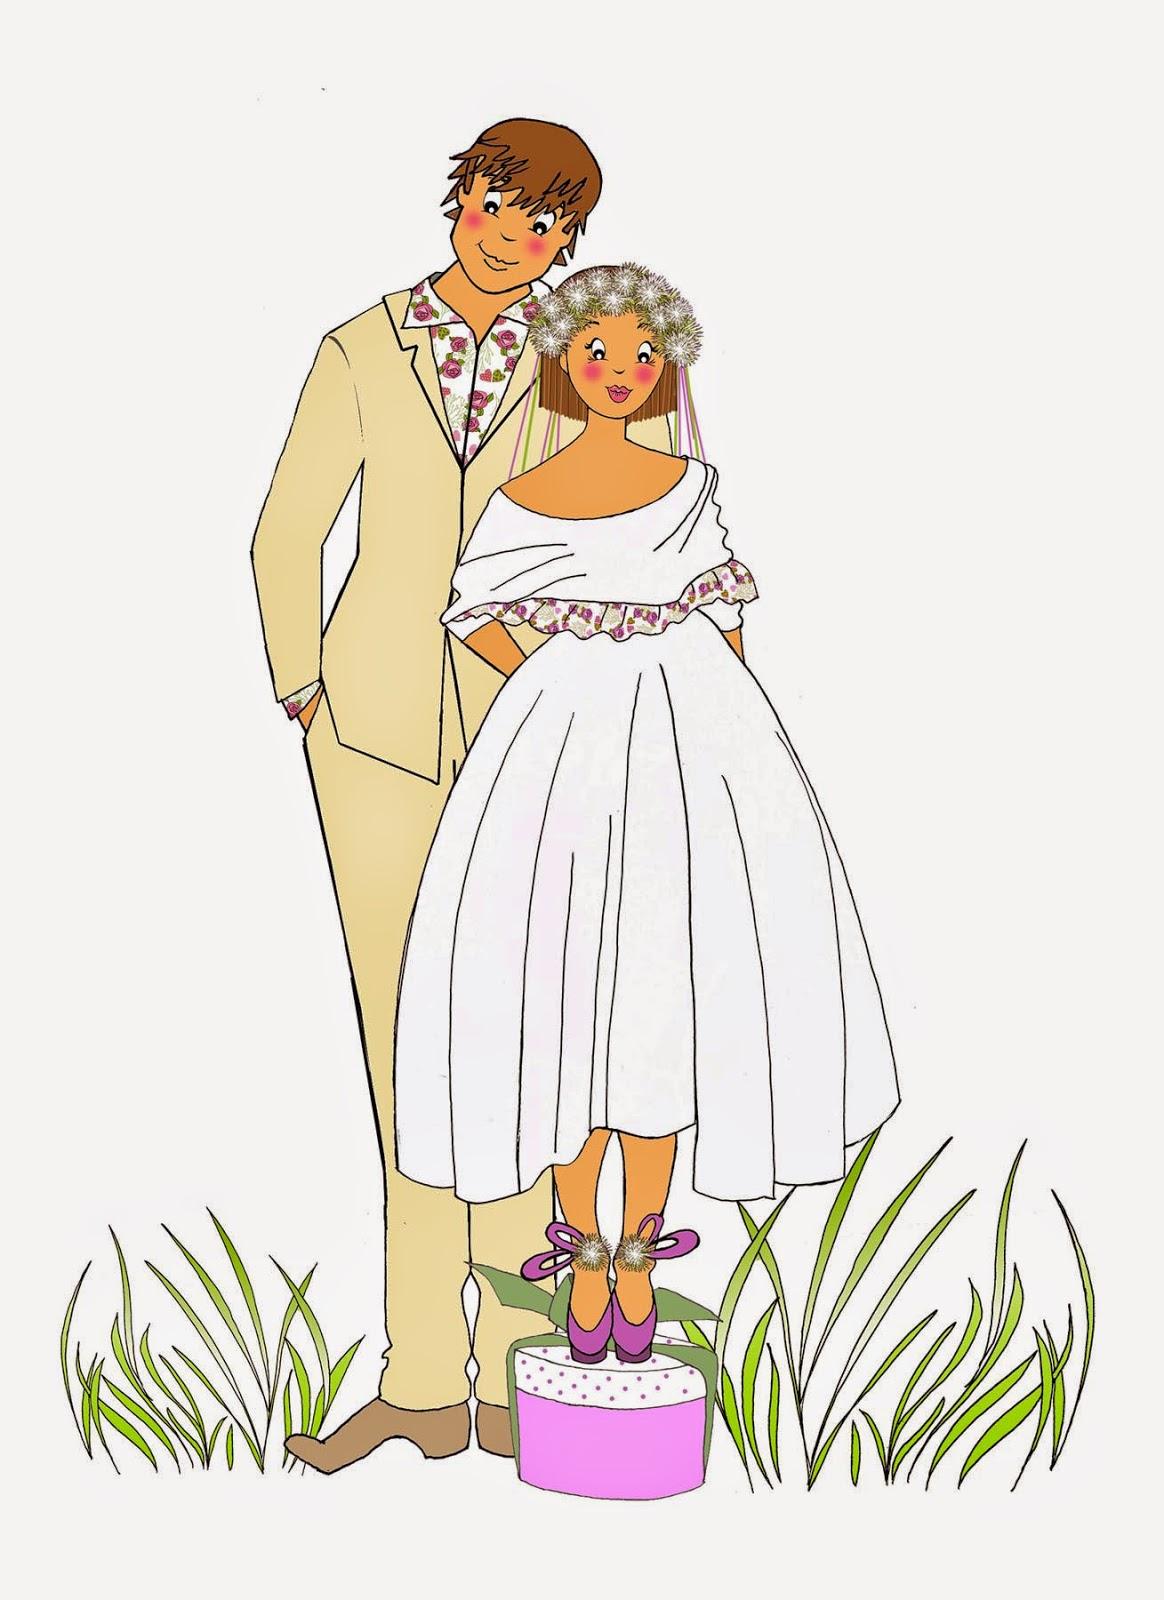 Le salon du mariage la porte de versailles mimi et for Porte de versailles salon mariage